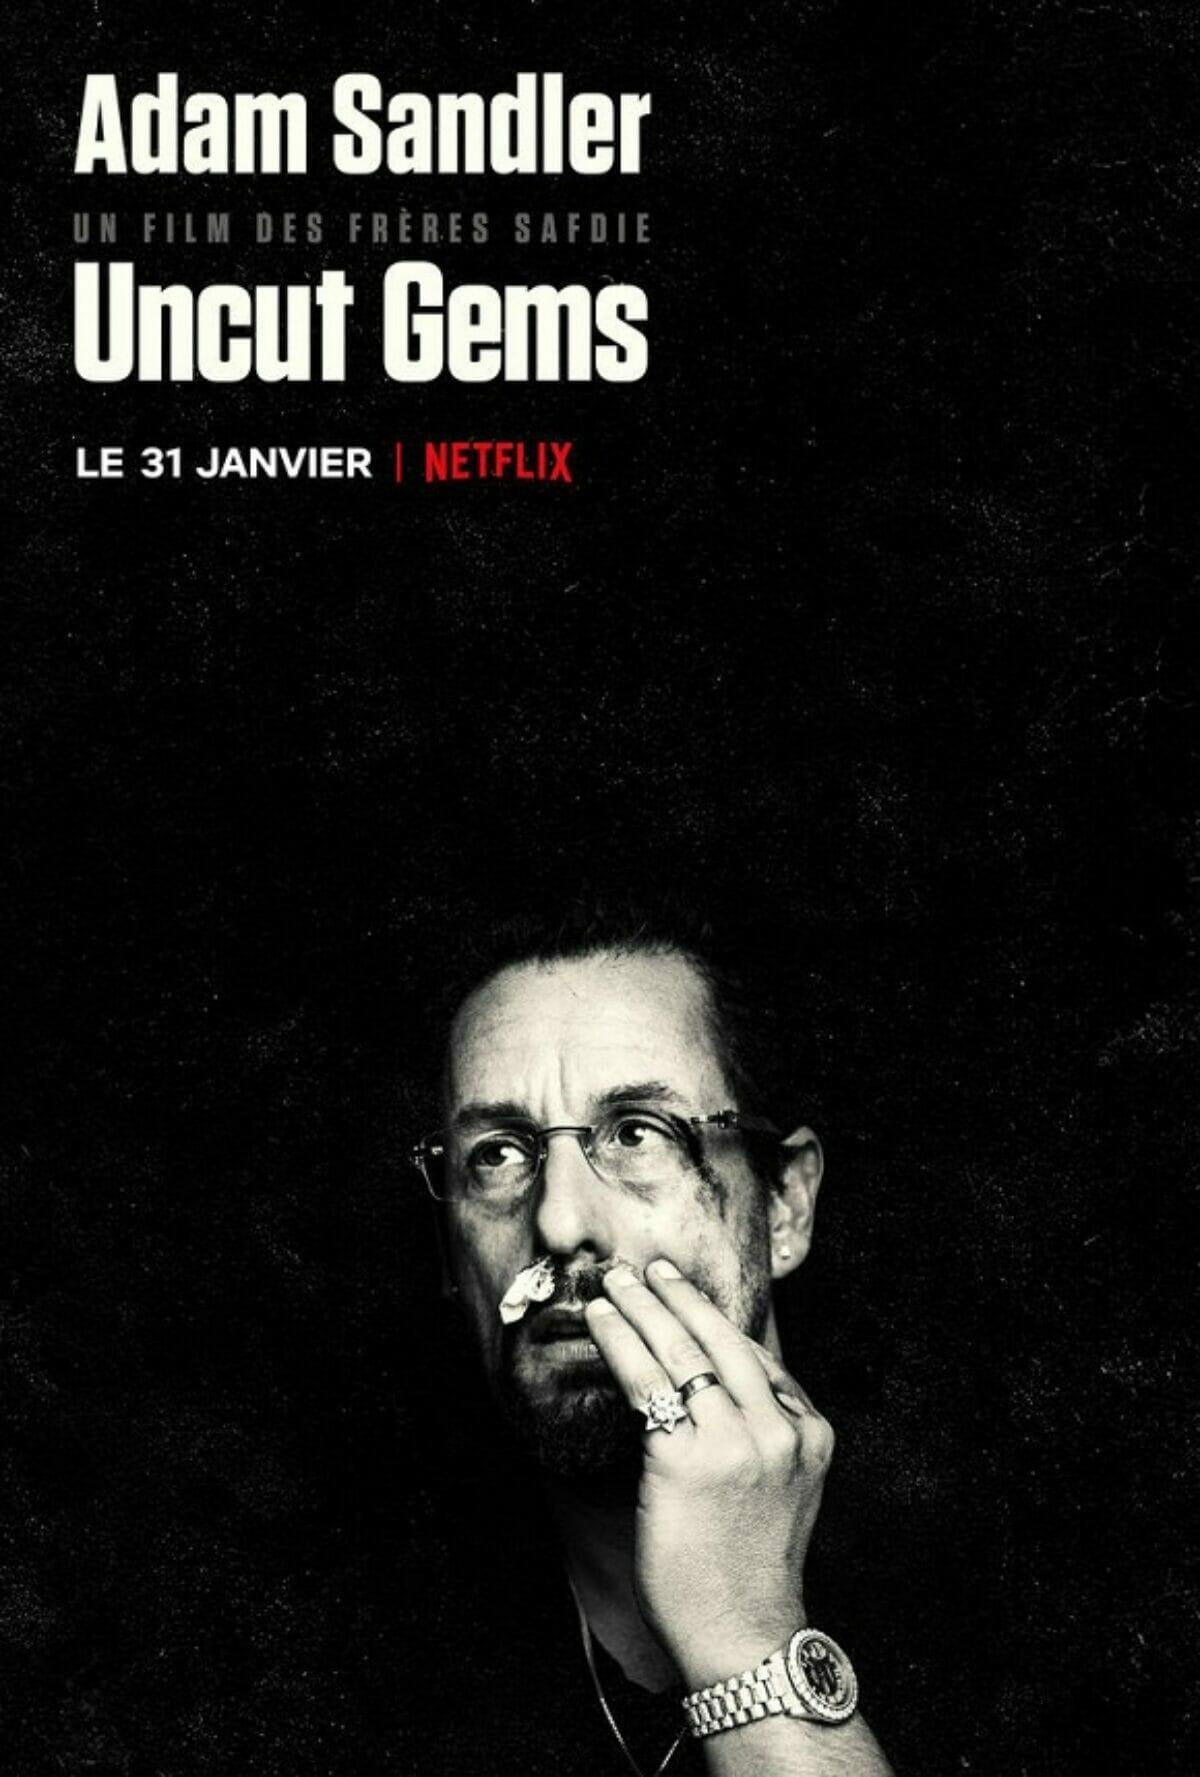 Uncut-Gems-poster